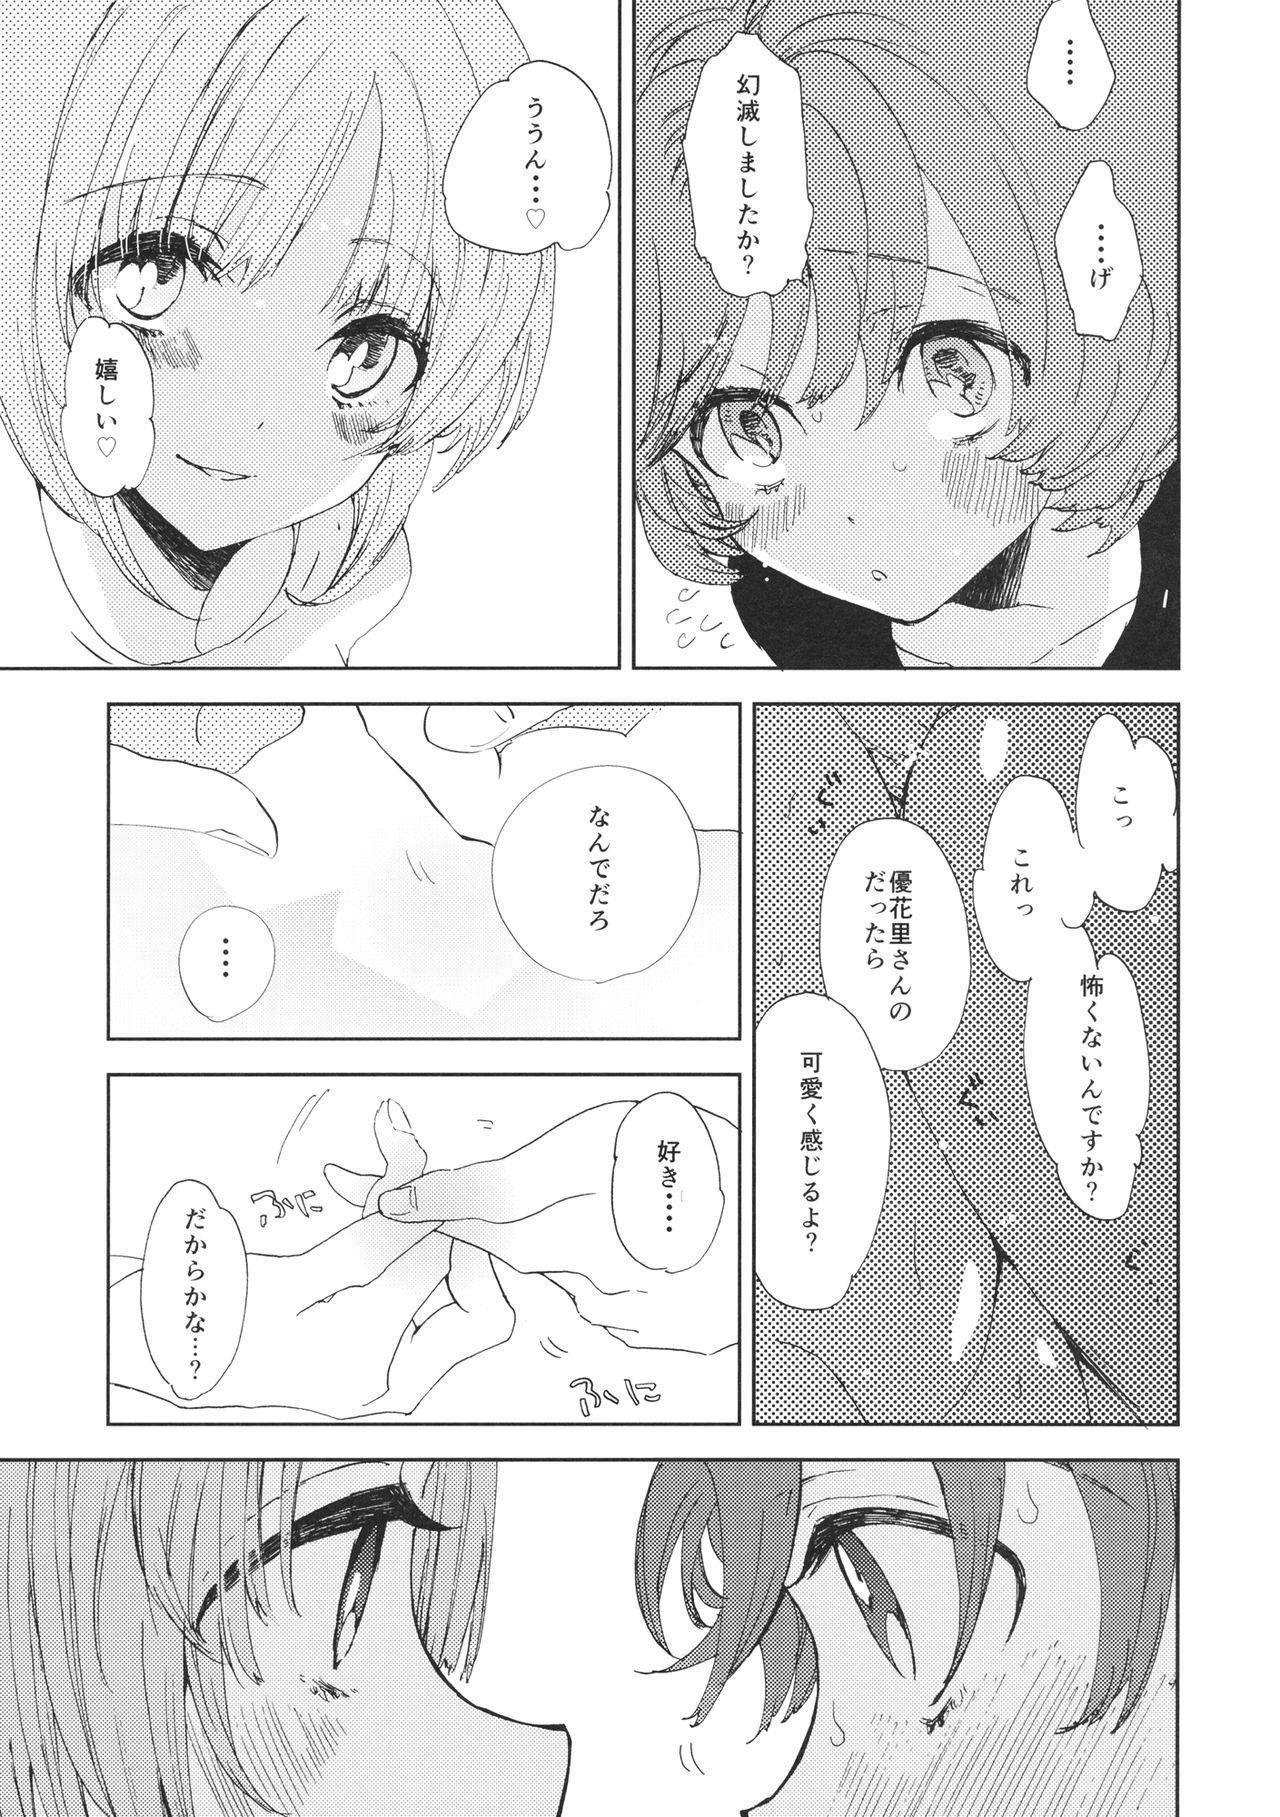 (C93) [Akunaki Hourou (Usimanu)] Miho-chan to Oshikko - mihochan pee (Girls und Panzer) 15